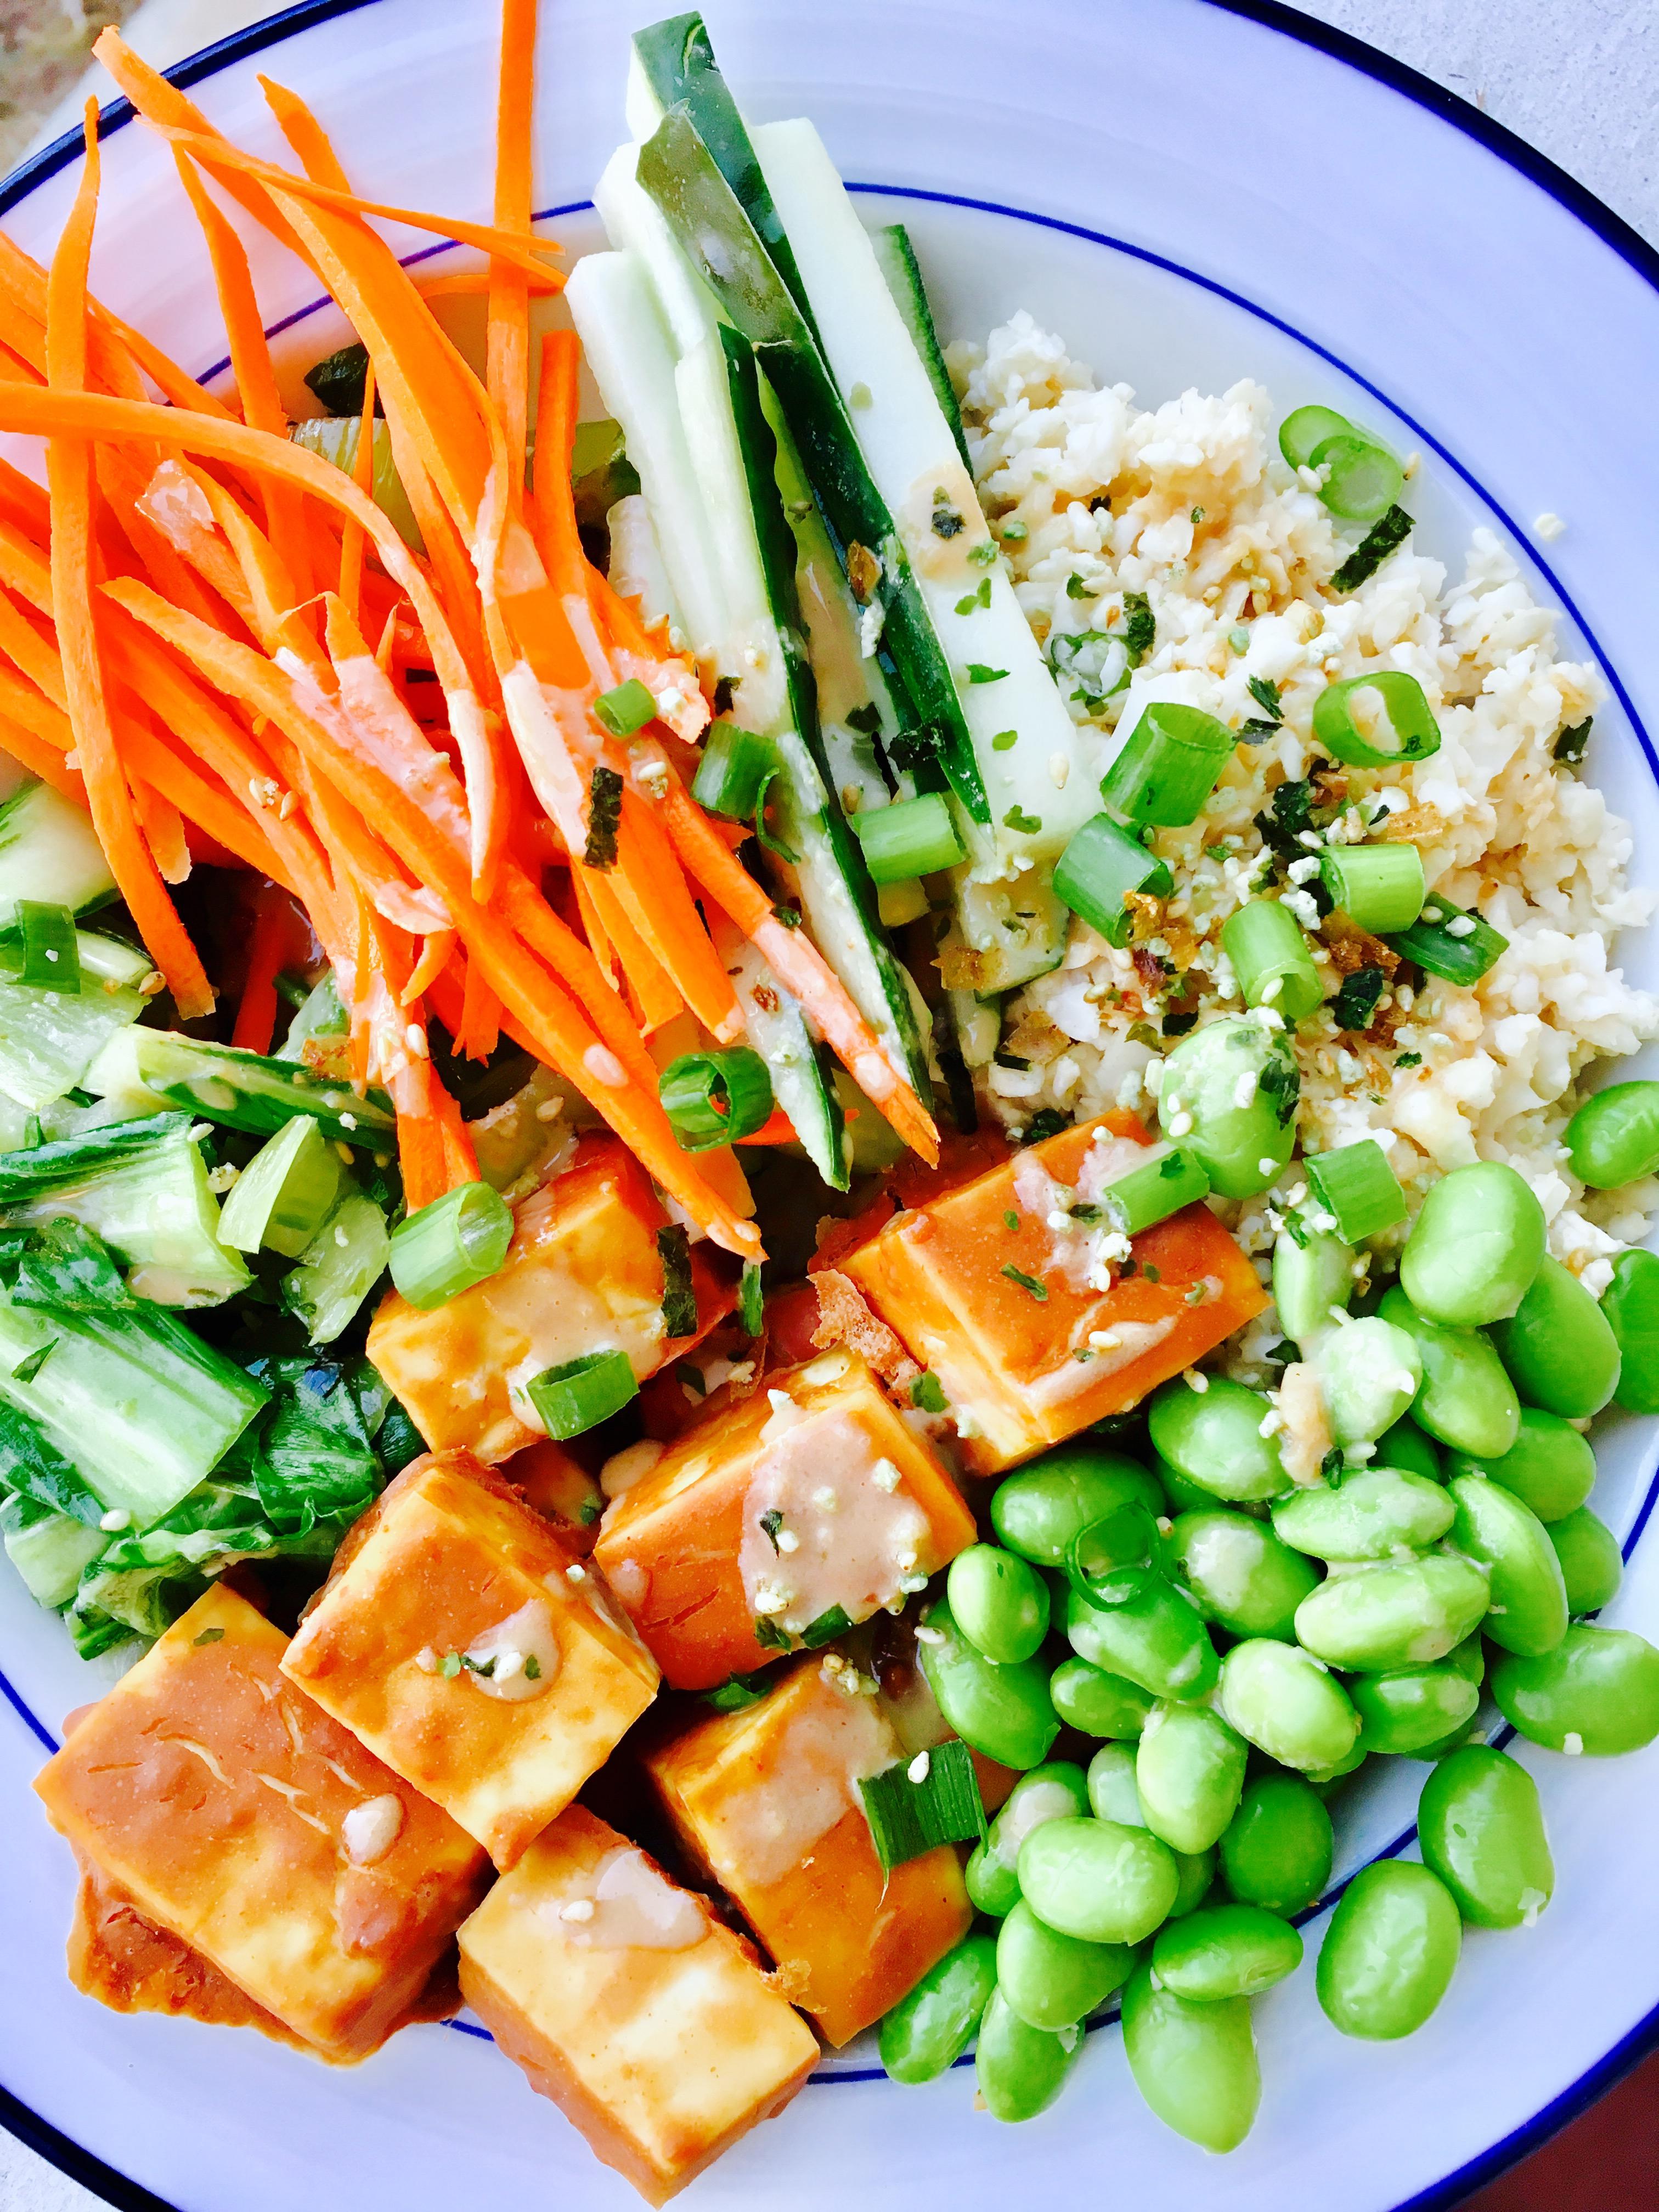 Sriracha Peanut Tofu Power Bowl with Ginger-Tahini Dressing and Cauliflower Rice